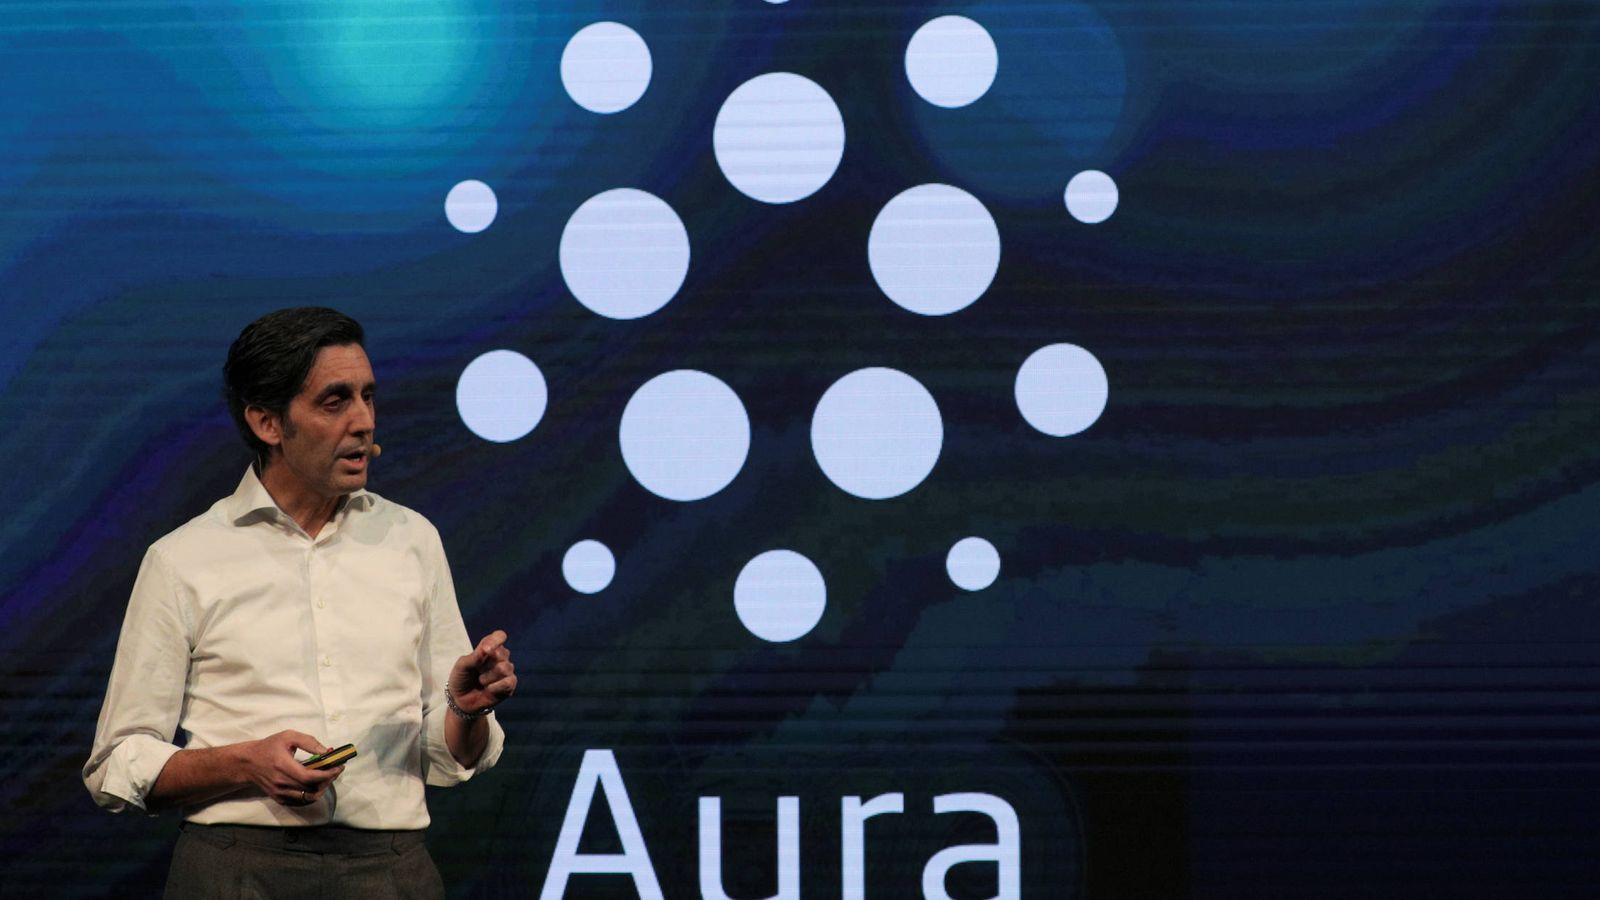 Foto: Jose María Álvarez-Pallete, presidente ejecutivo de Telefónica, durante la presentación hoy en el Mobile World Congress de Barcelona (Reuters)